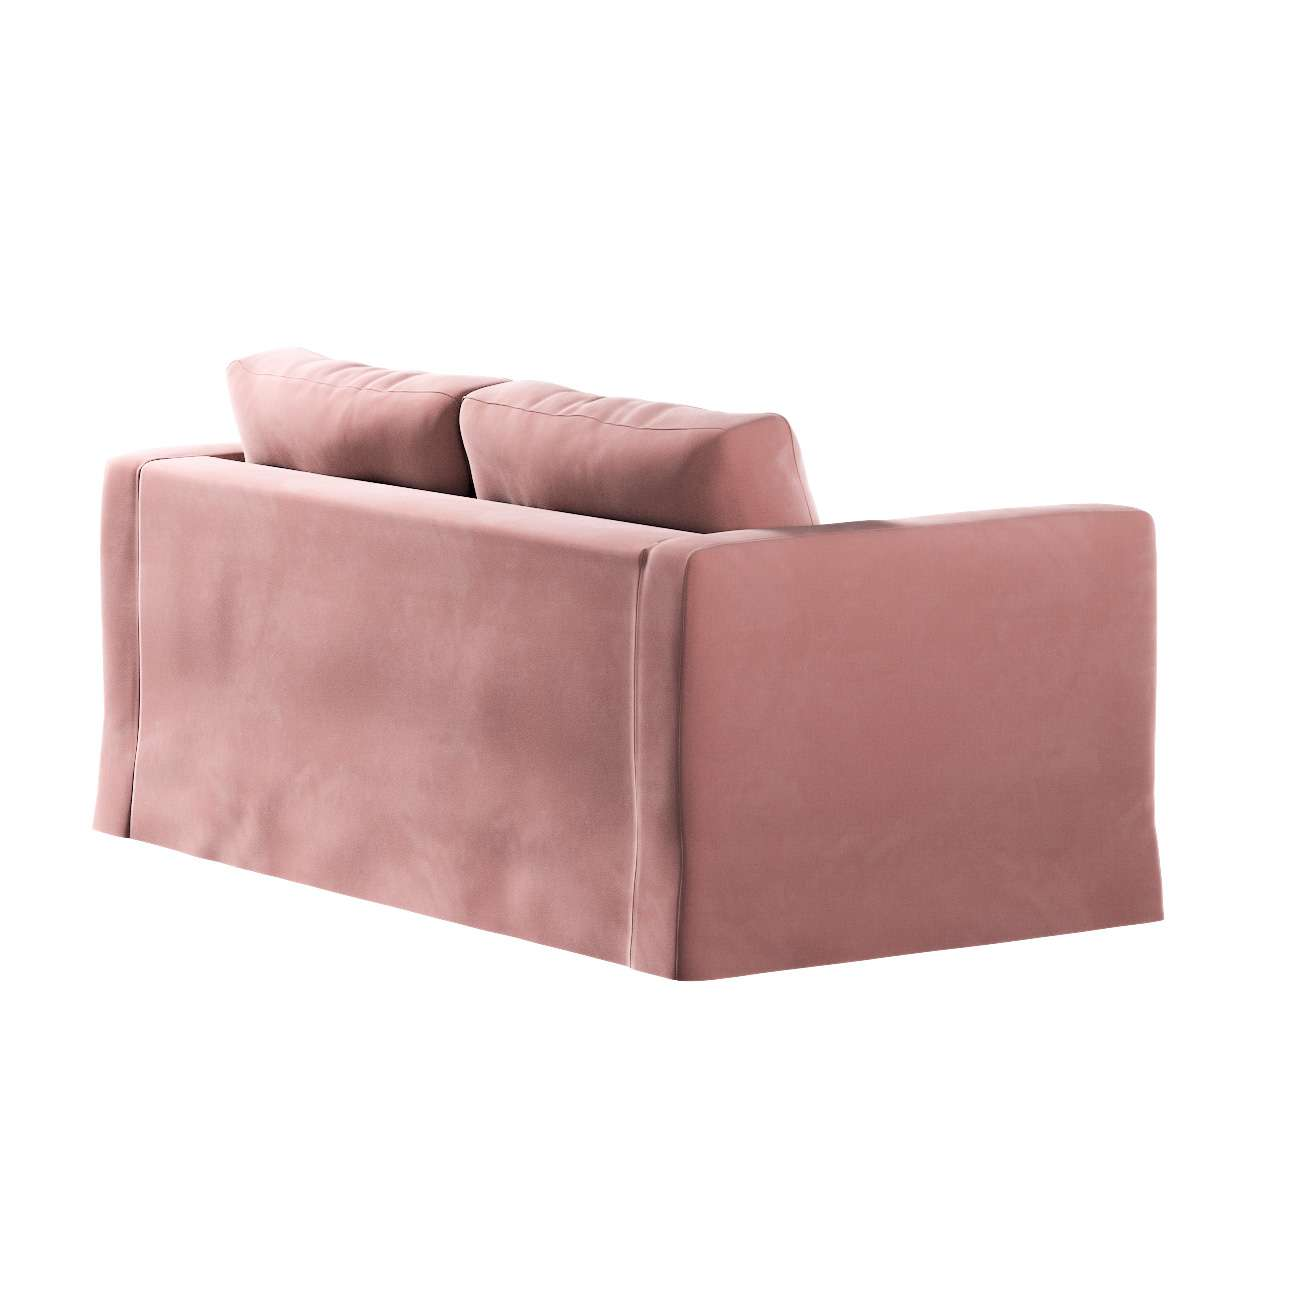 Karlstad klädsel 2-sits soffa -  lång i kollektionen Velvet, Tyg: 704-30